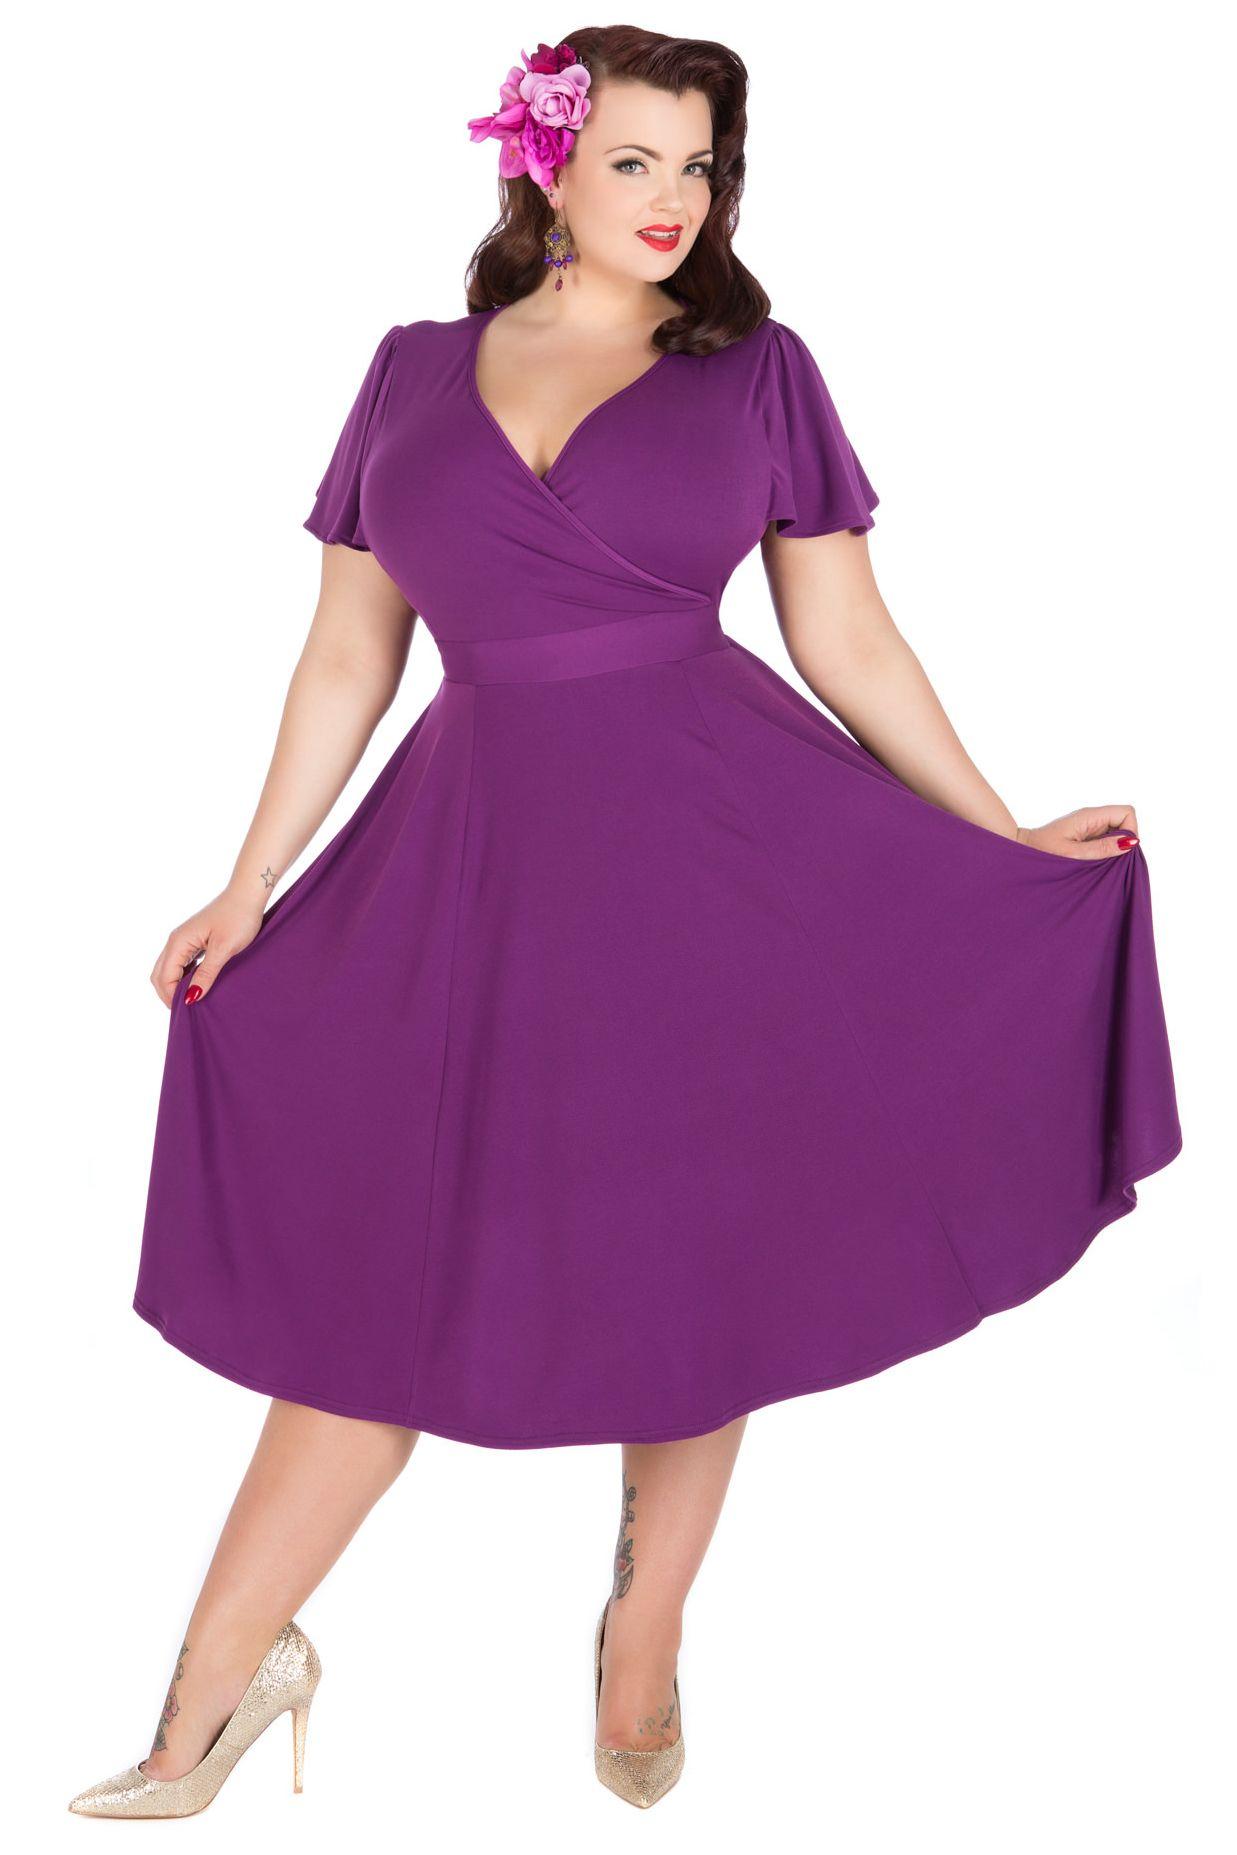 Lyra Dress - Purple | Vestido para gorditas, Gordita y Vestiditos